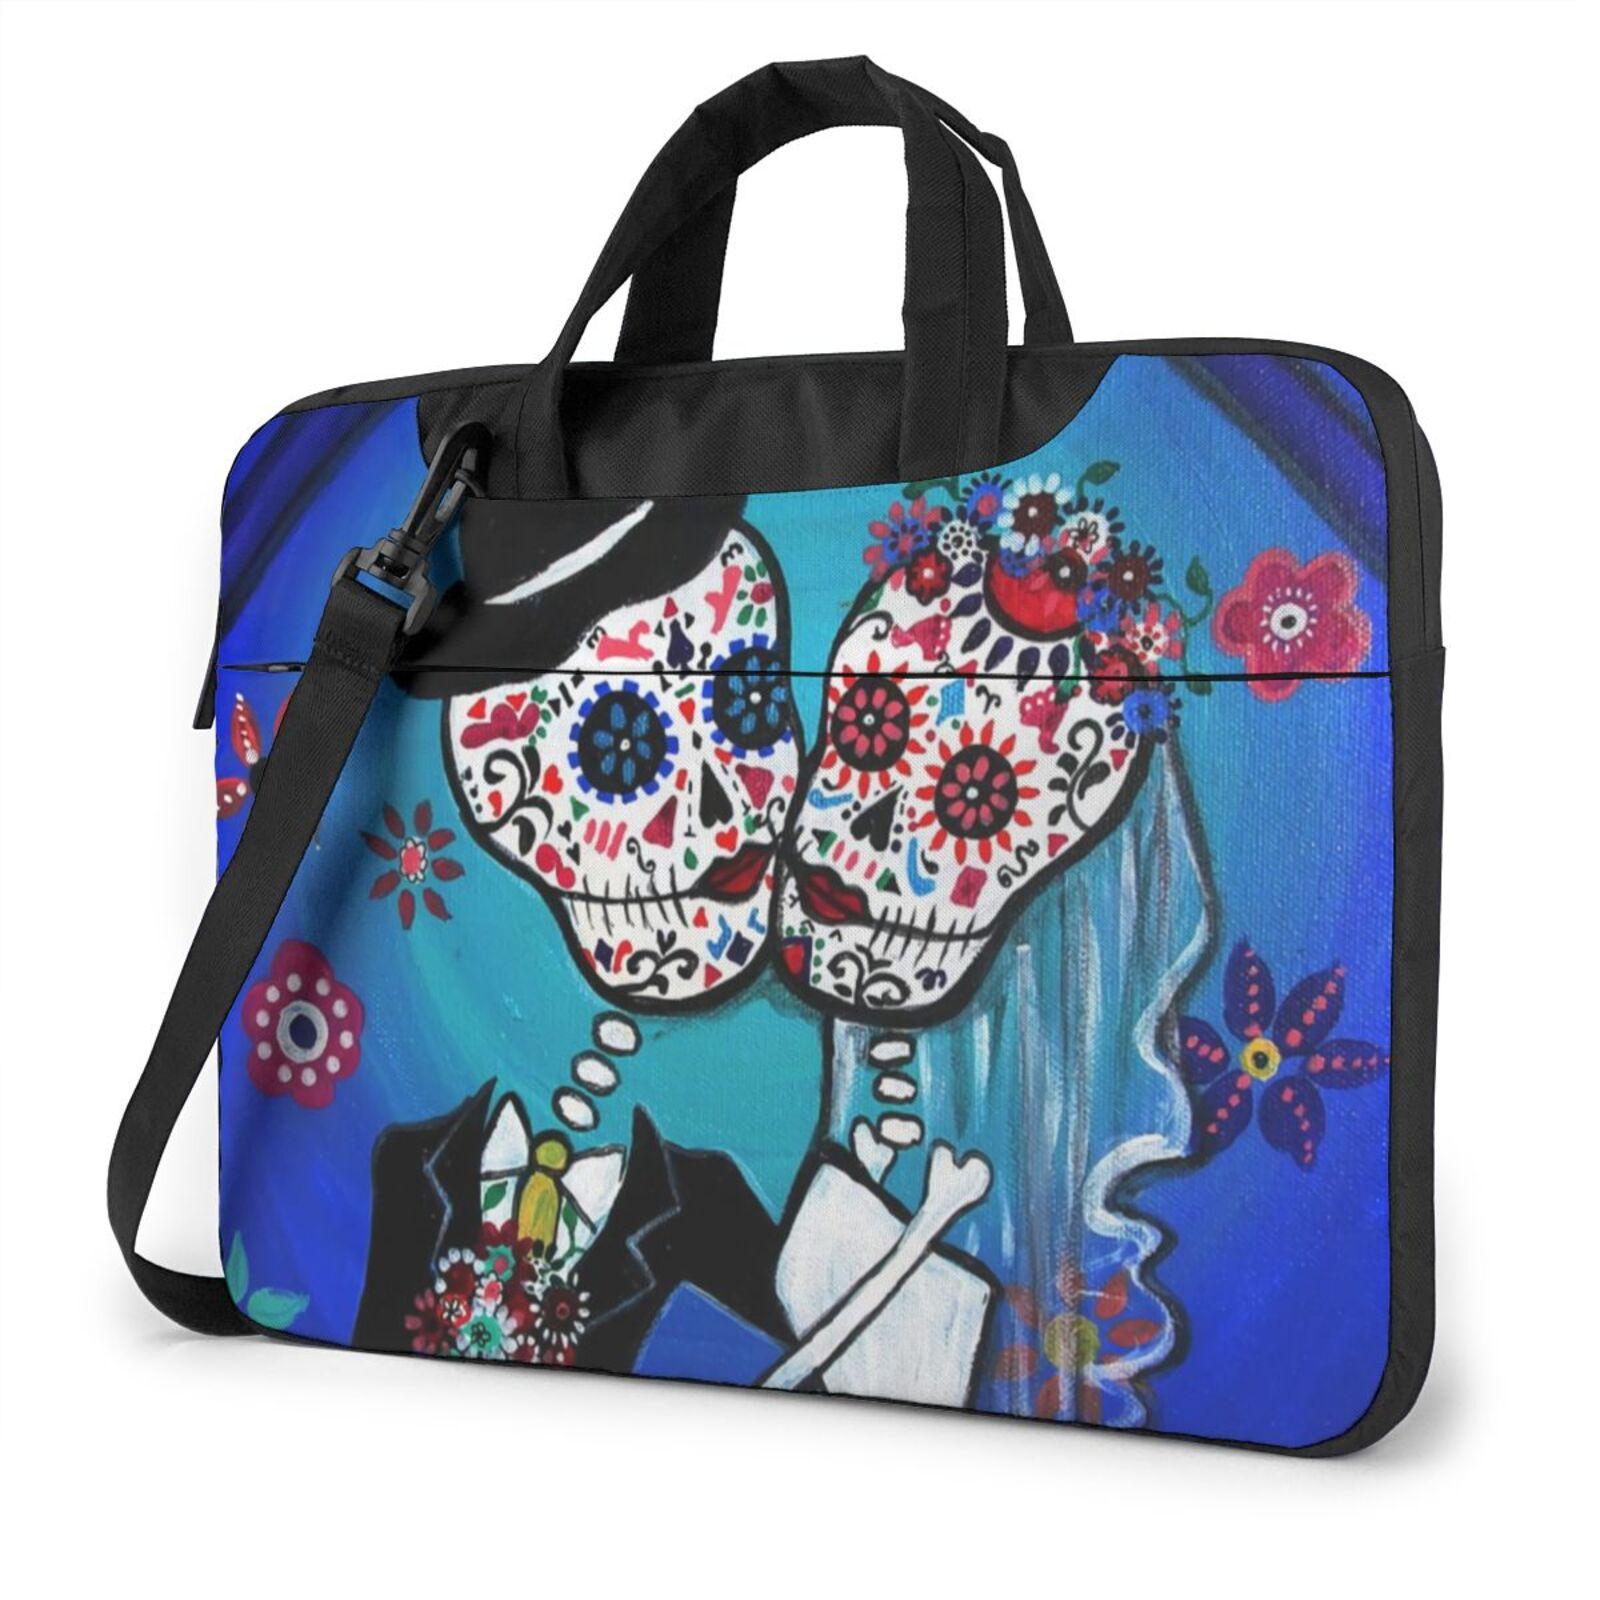 المكسيكي الجمجمة حقيبة لابتوب حقيبة رسول تحمل حقيبة حاسوب الحقيبة أنيق السفر المحمول